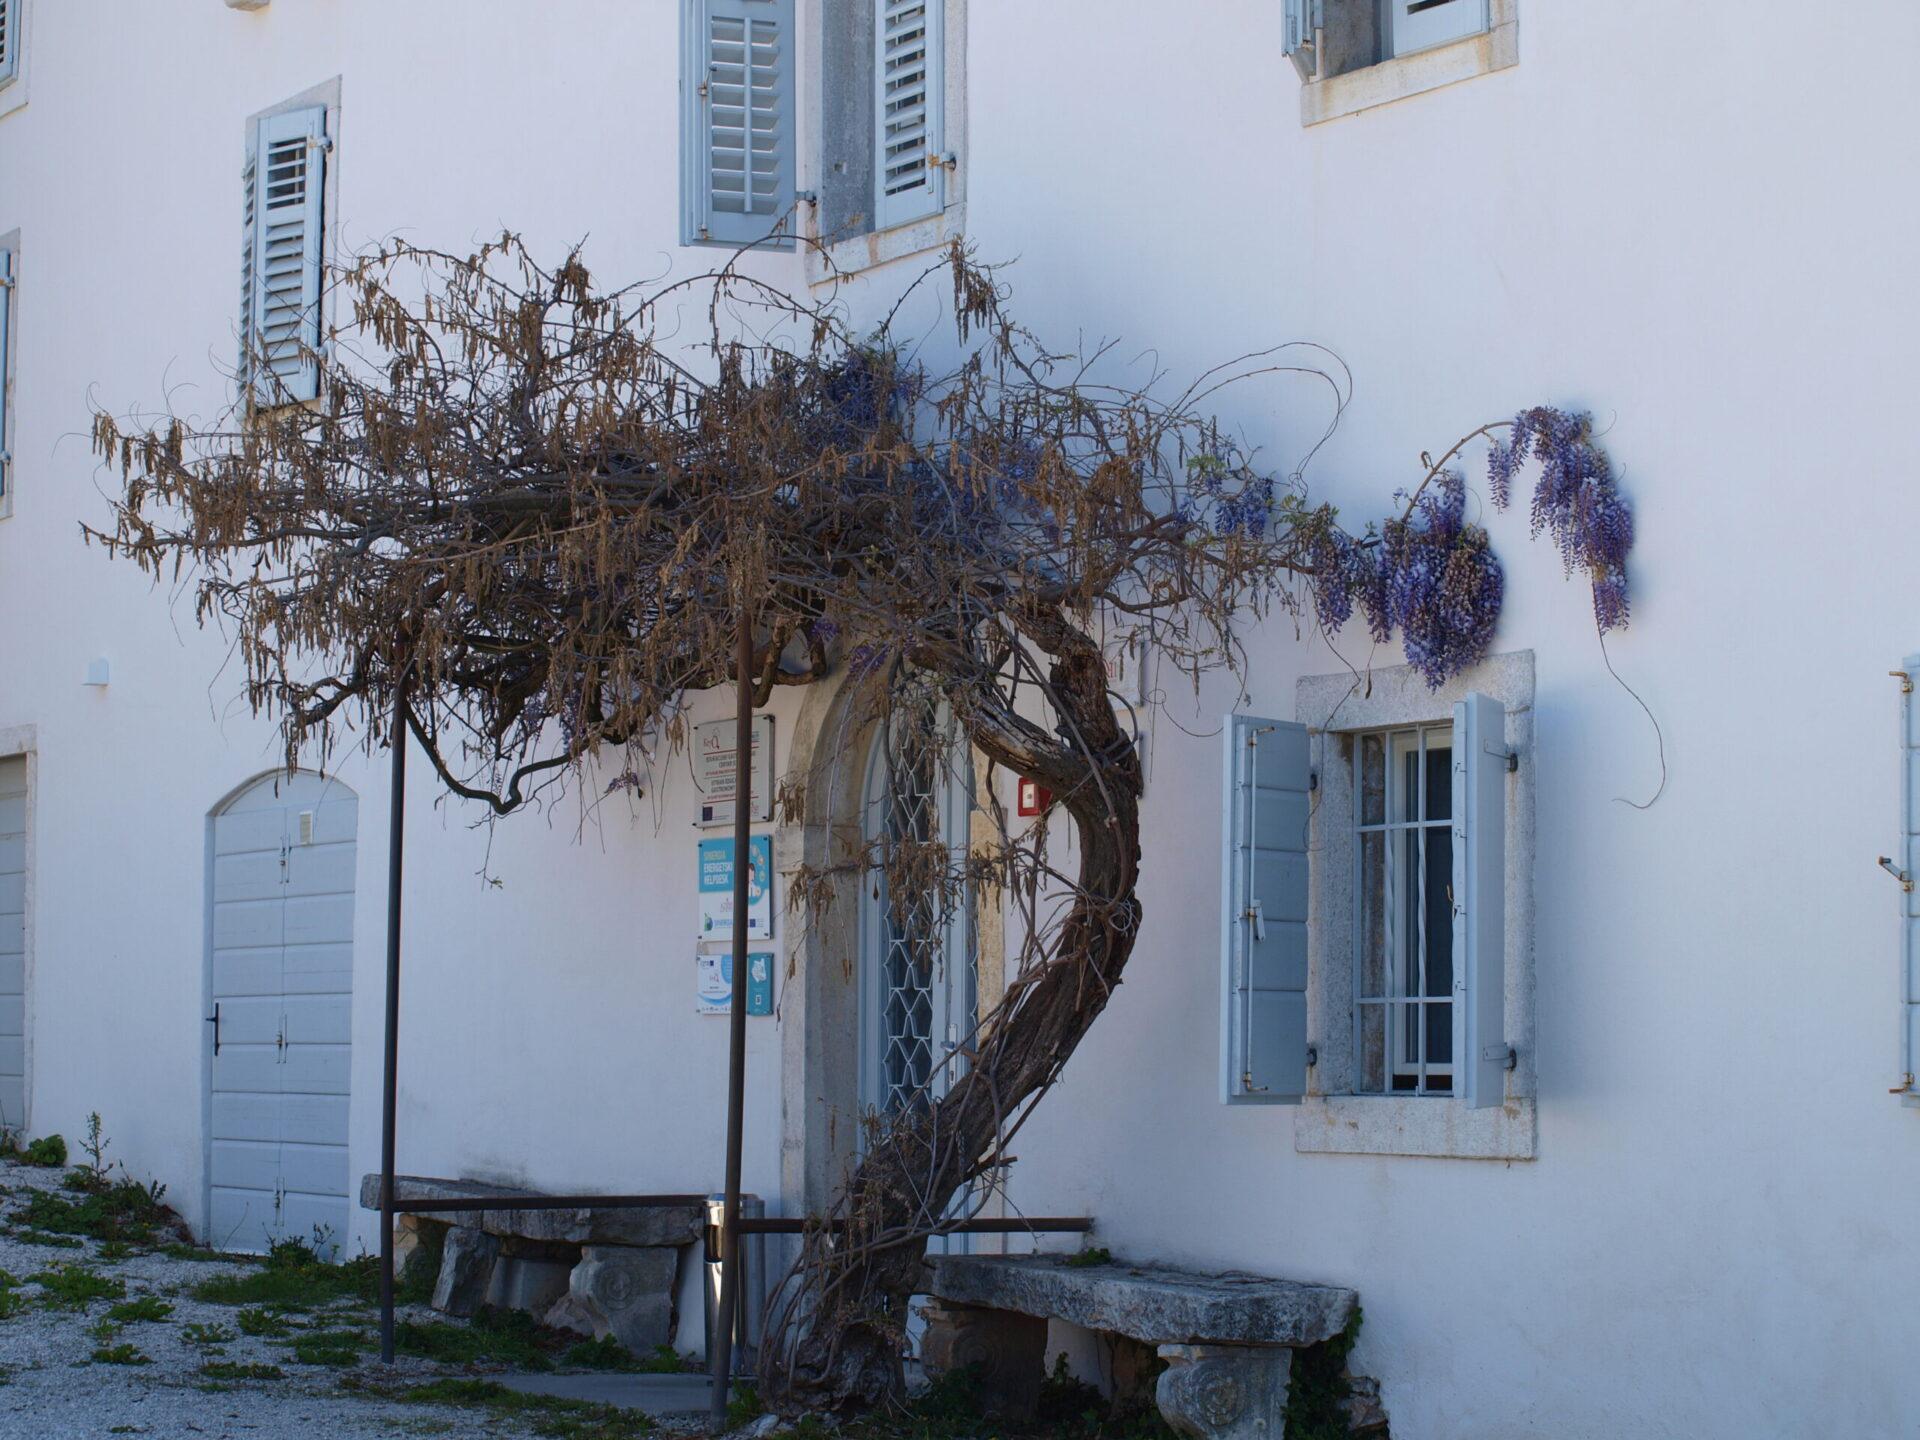 Edukacijski gastronomski centar Istre